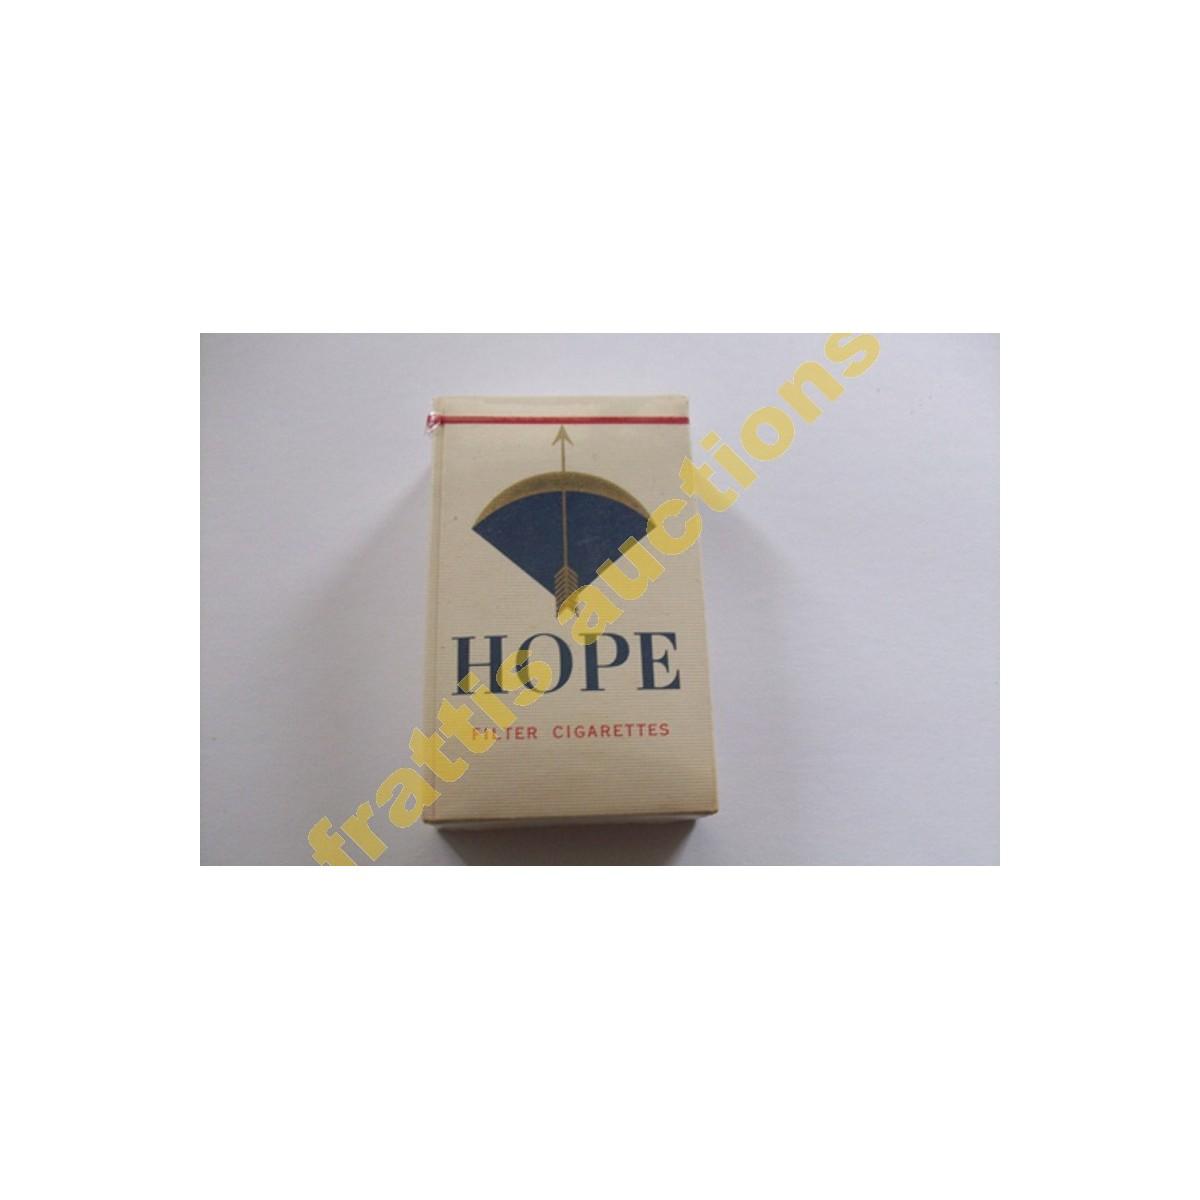 Χάρτινο πακέτο των 10 τσιγάρων hope filter, Ιαπωνία.